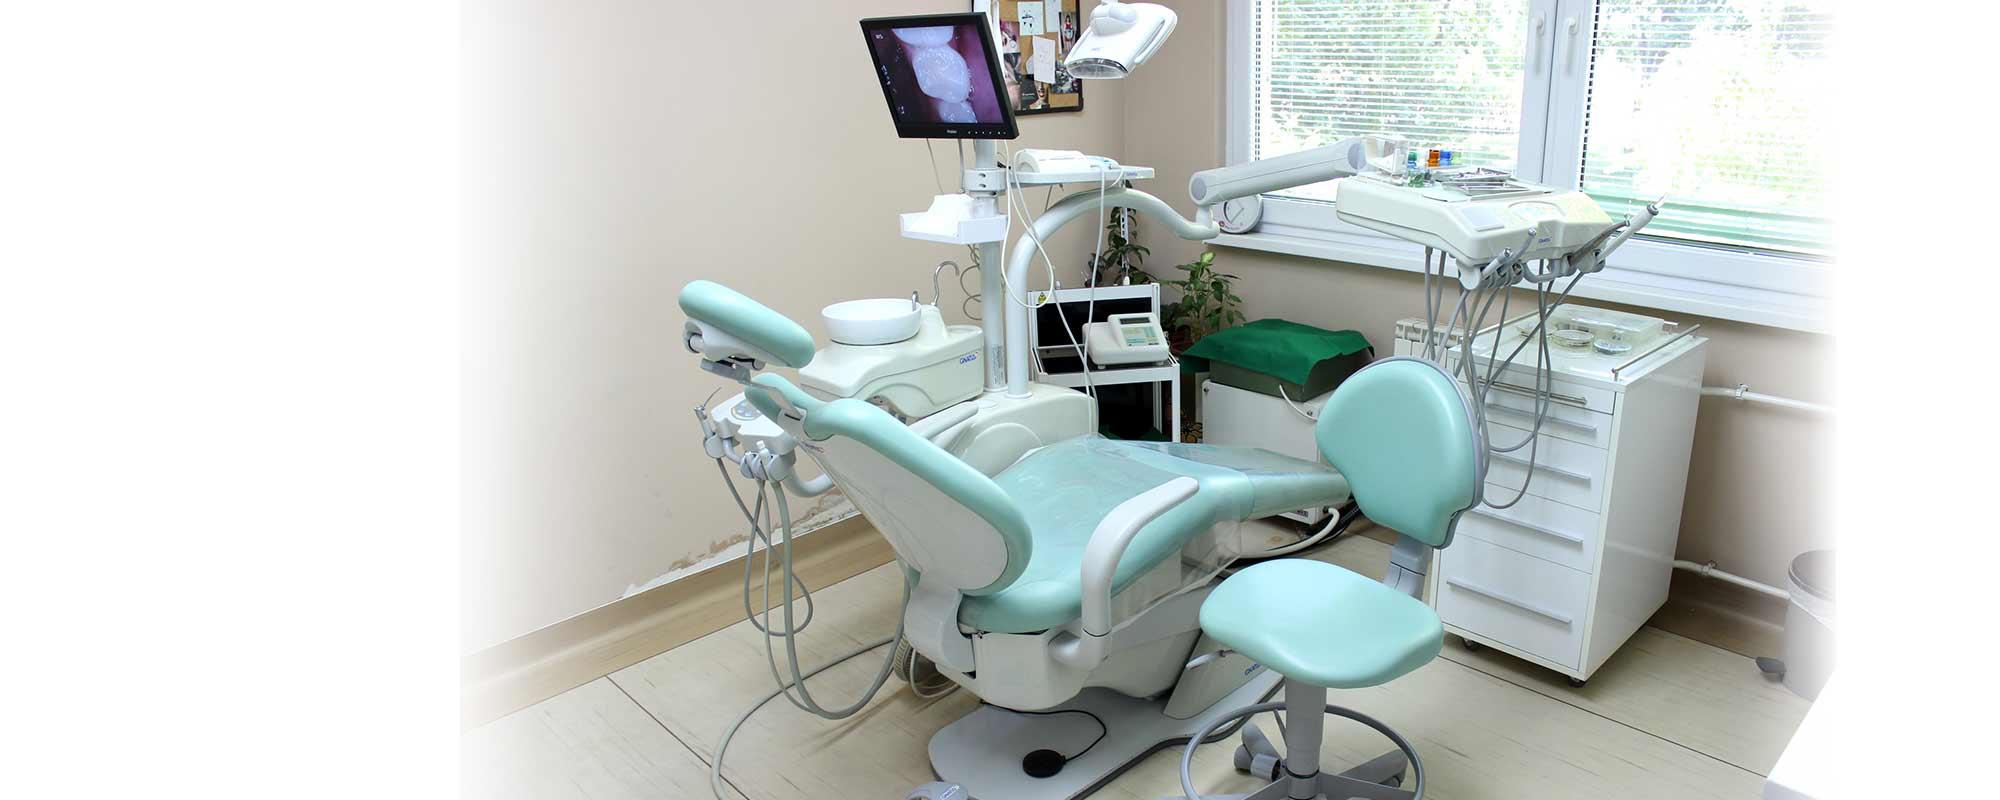 Ултра модерна стоматолошка опрема